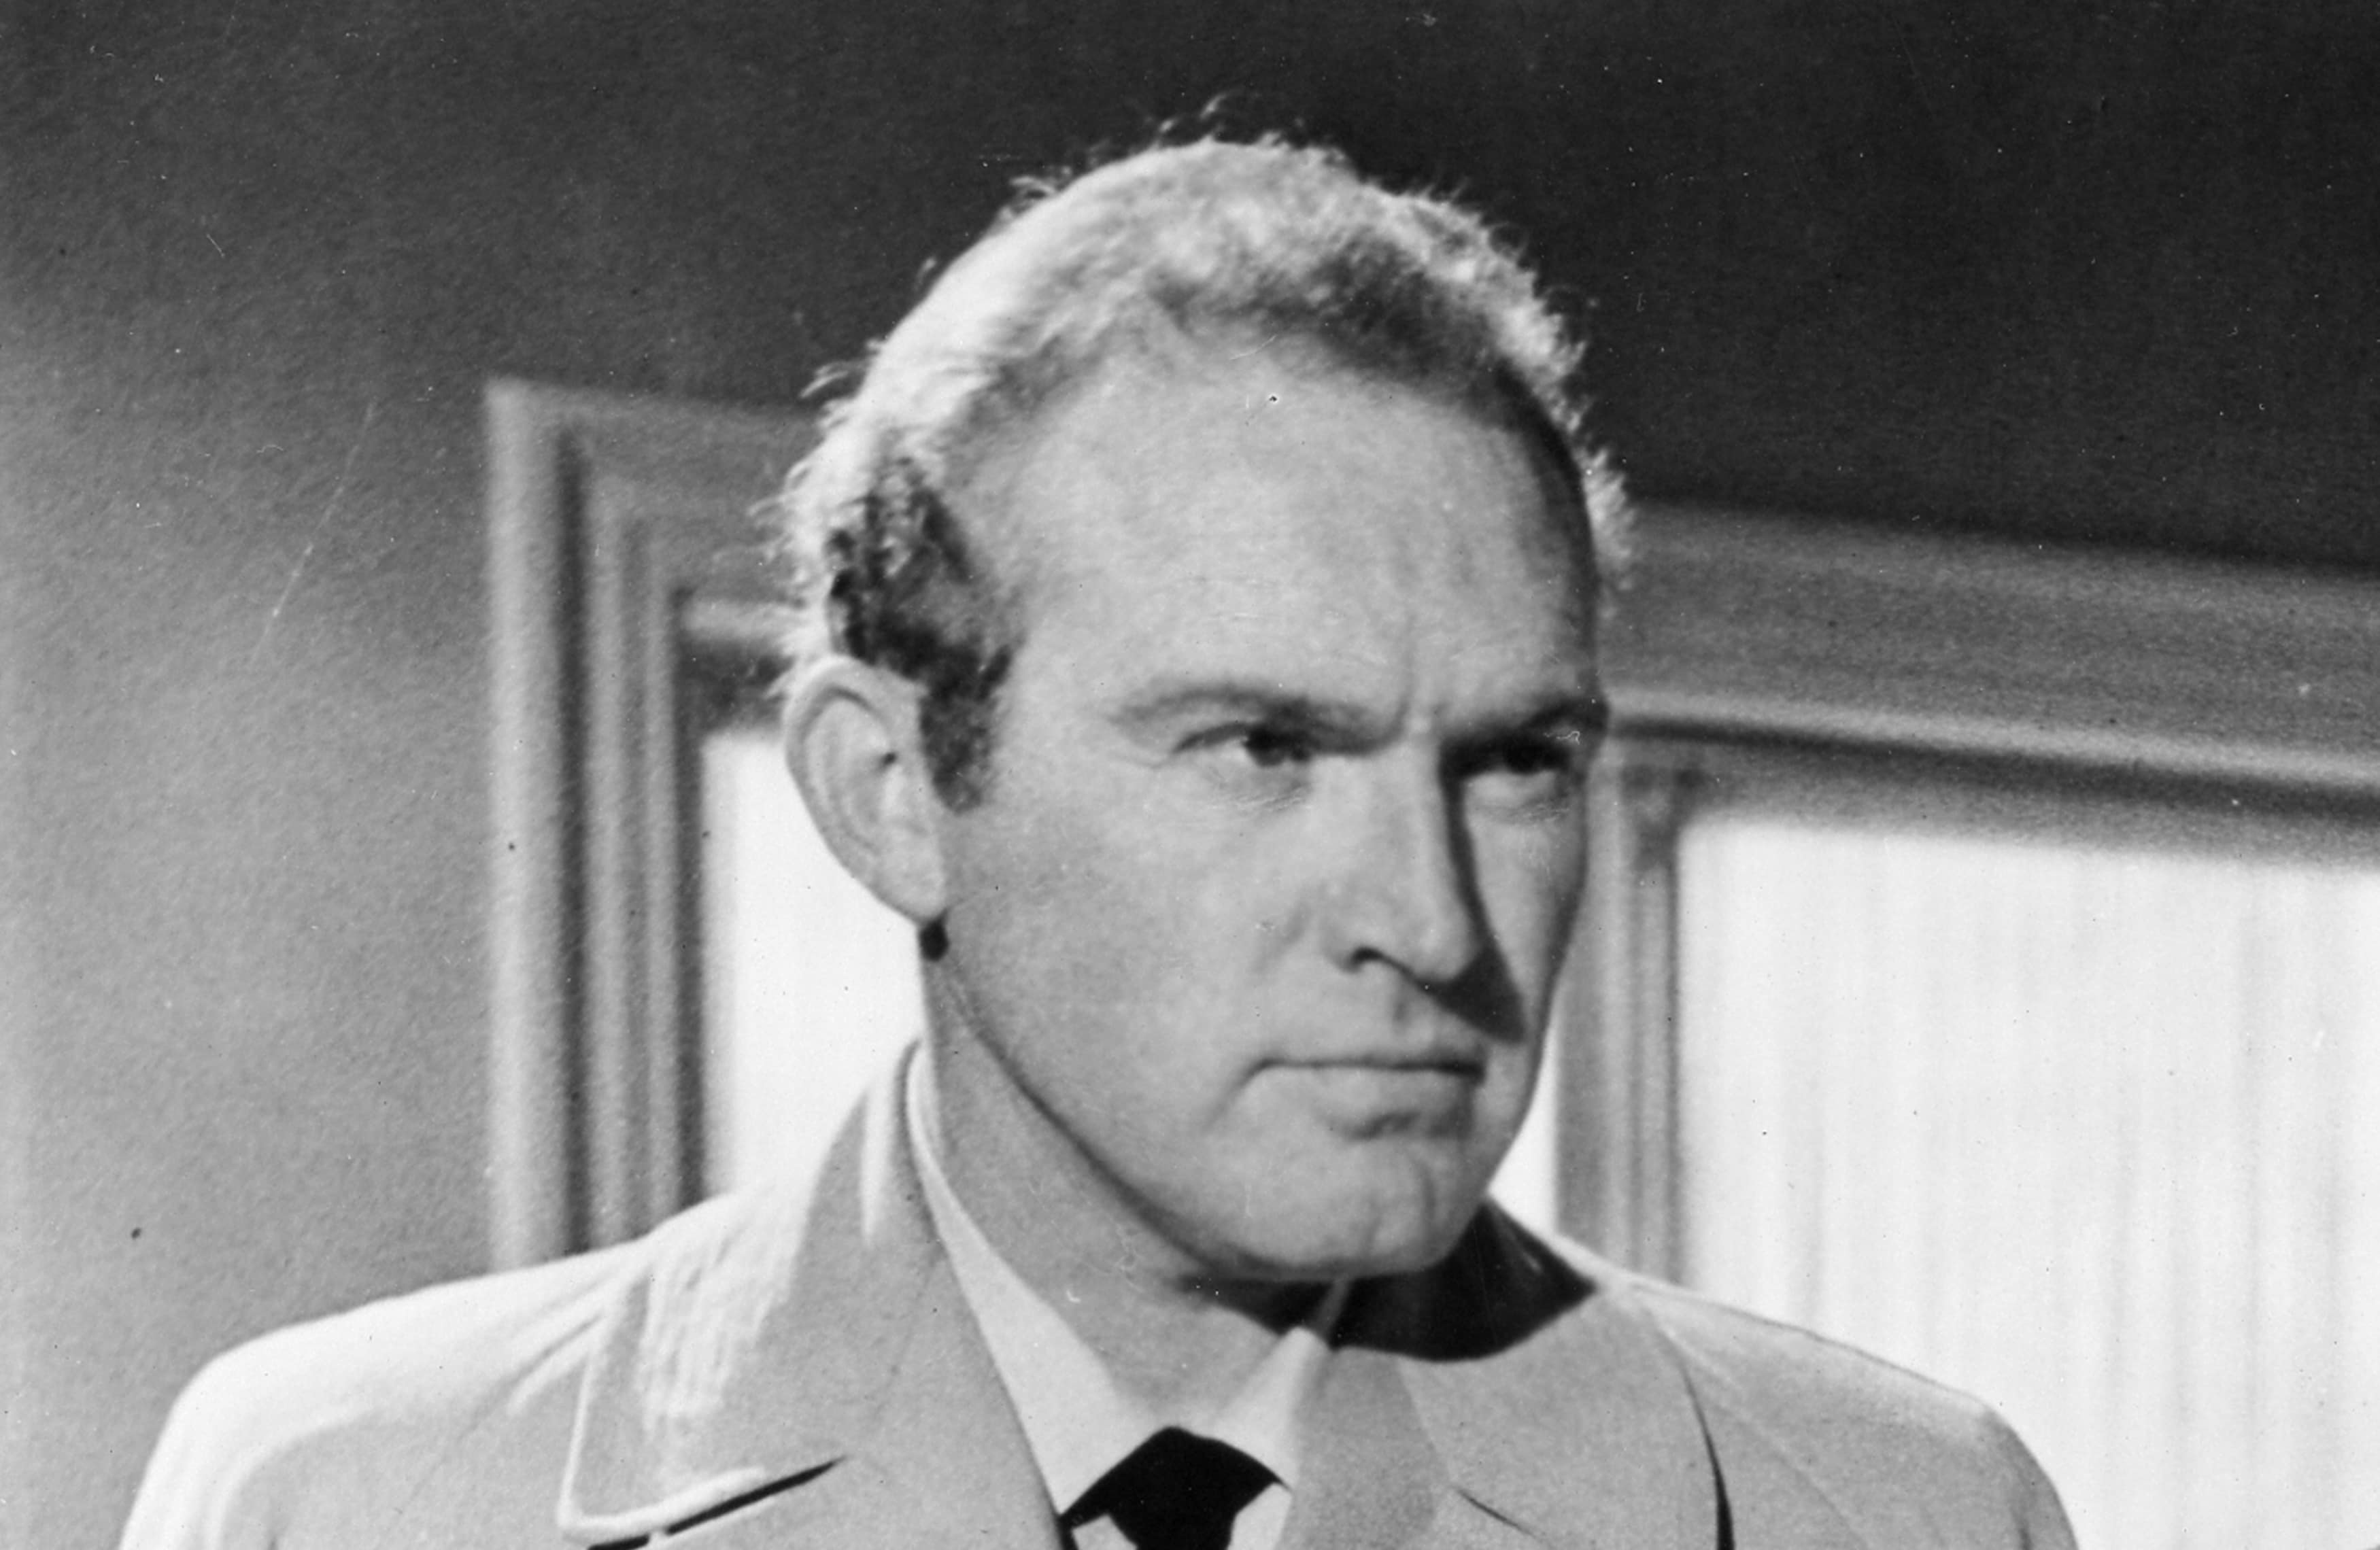 Gene Evans